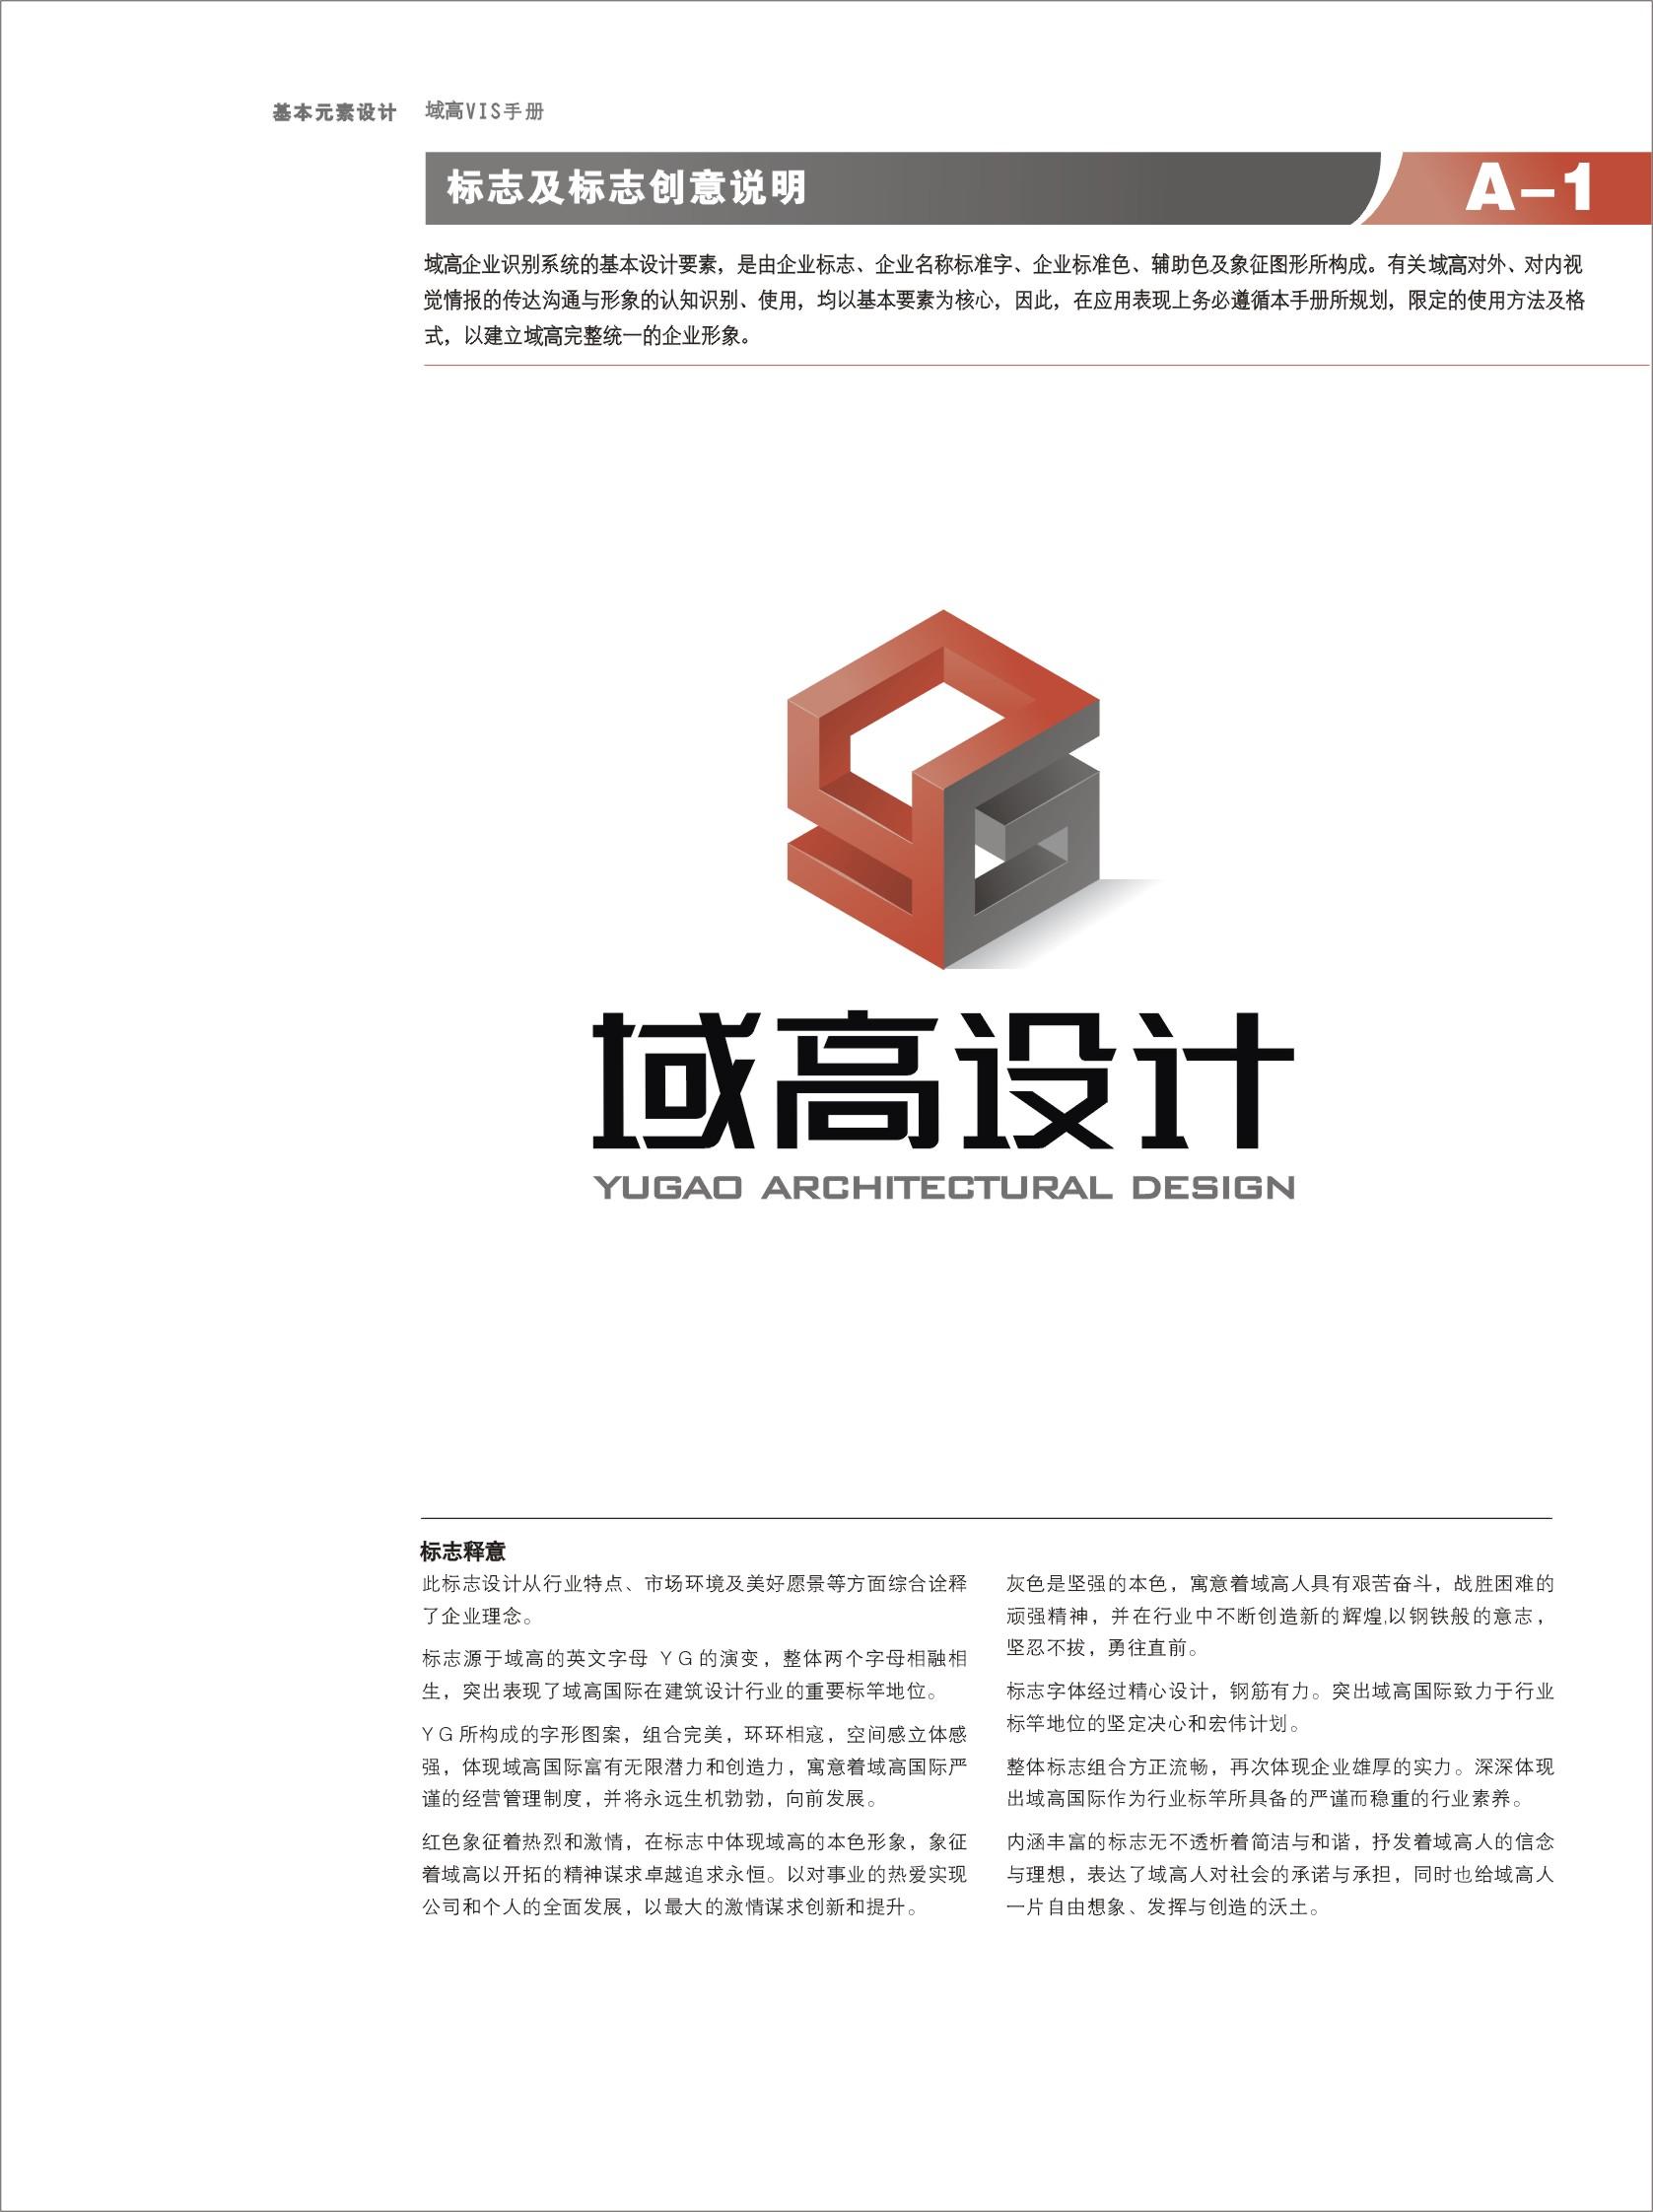 四川域高建筑设计有限公司